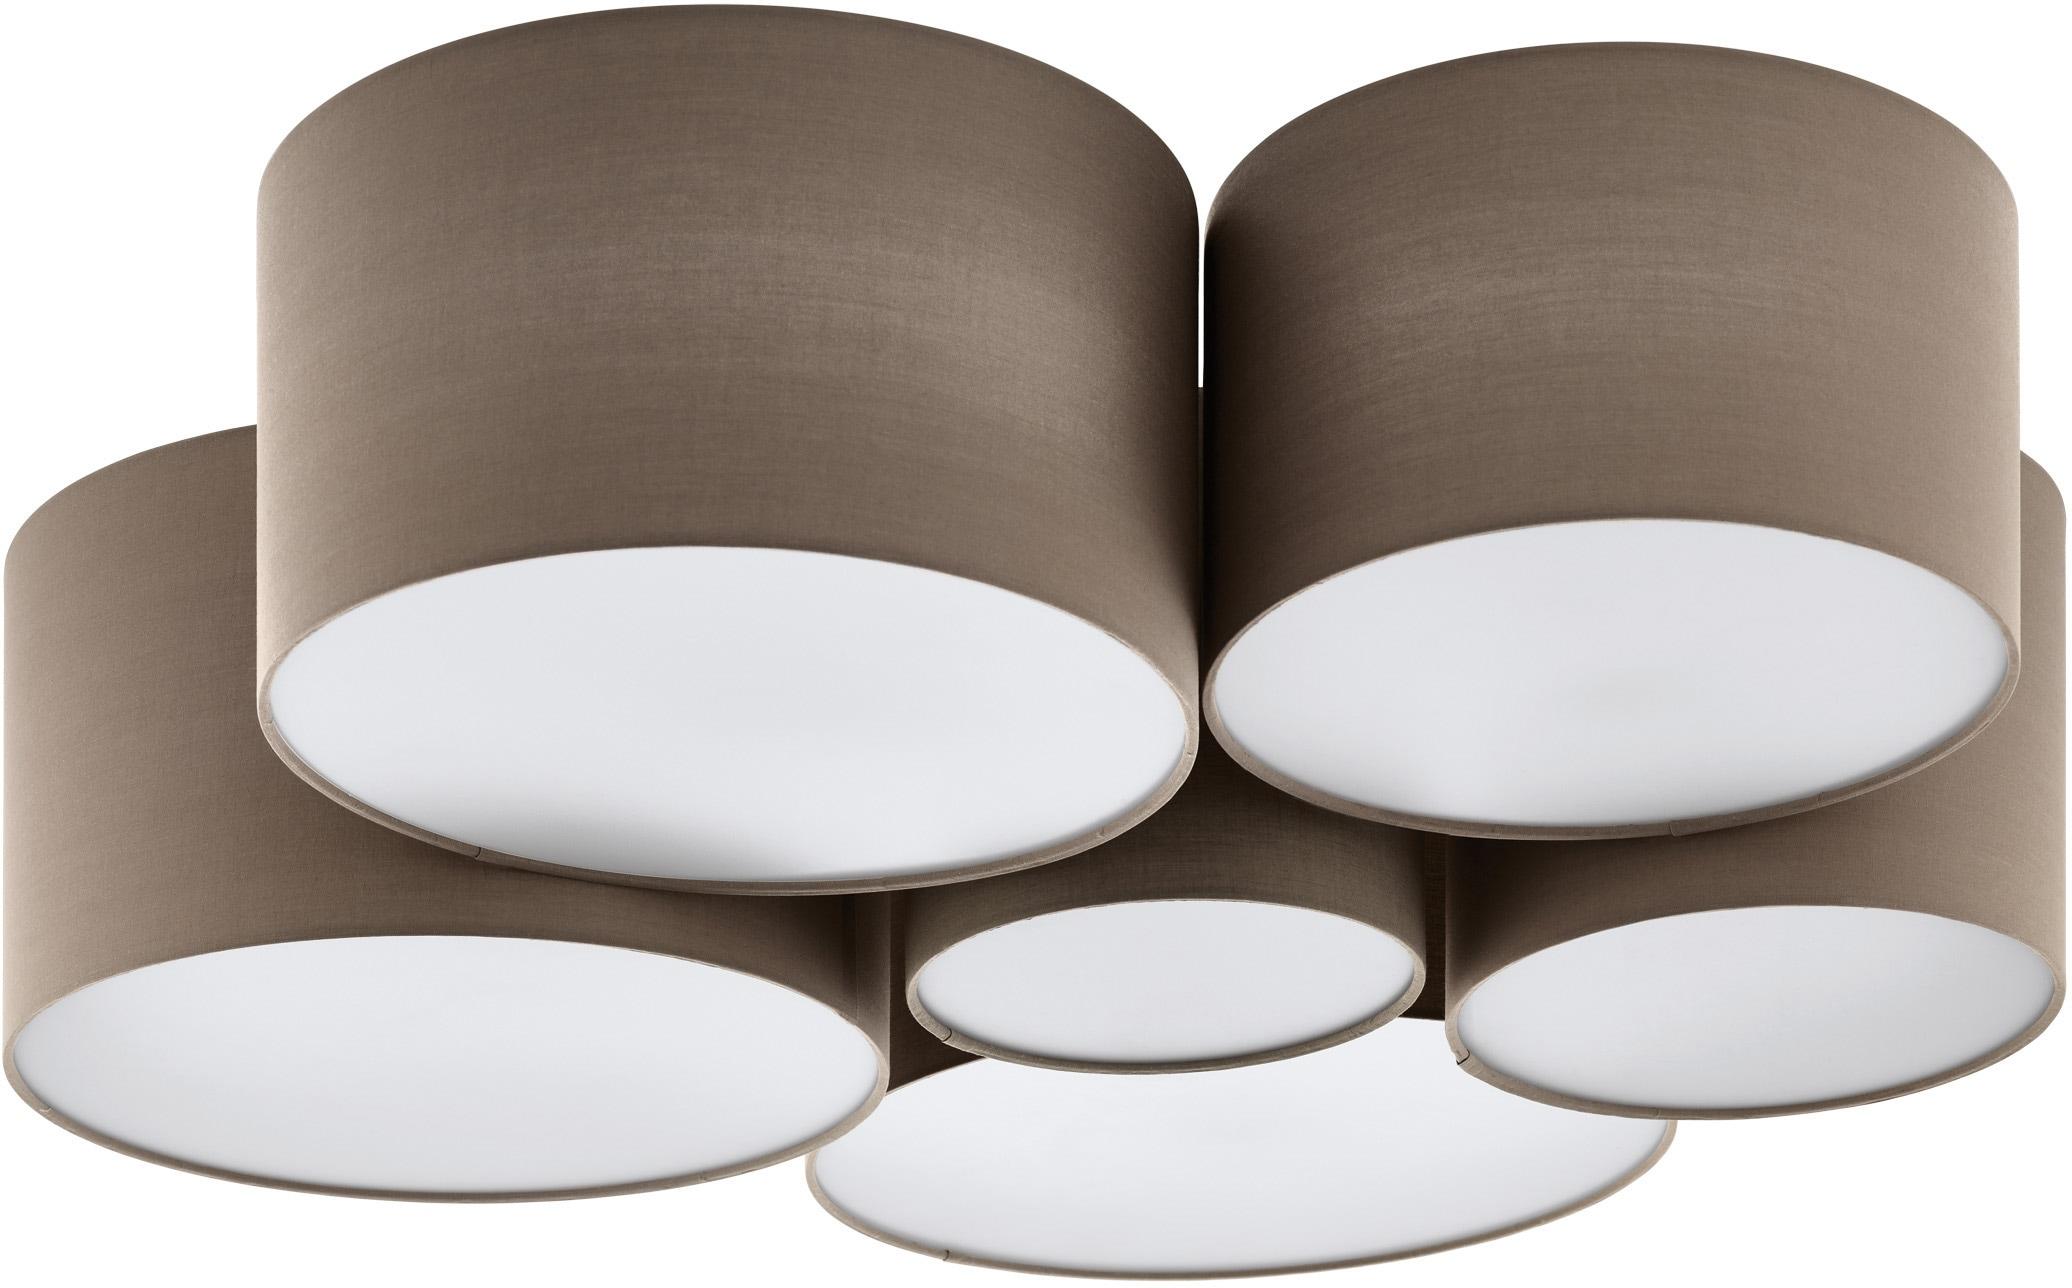 EGLO Deckenleuchte PASTORE 1, E27, Deckenlampe